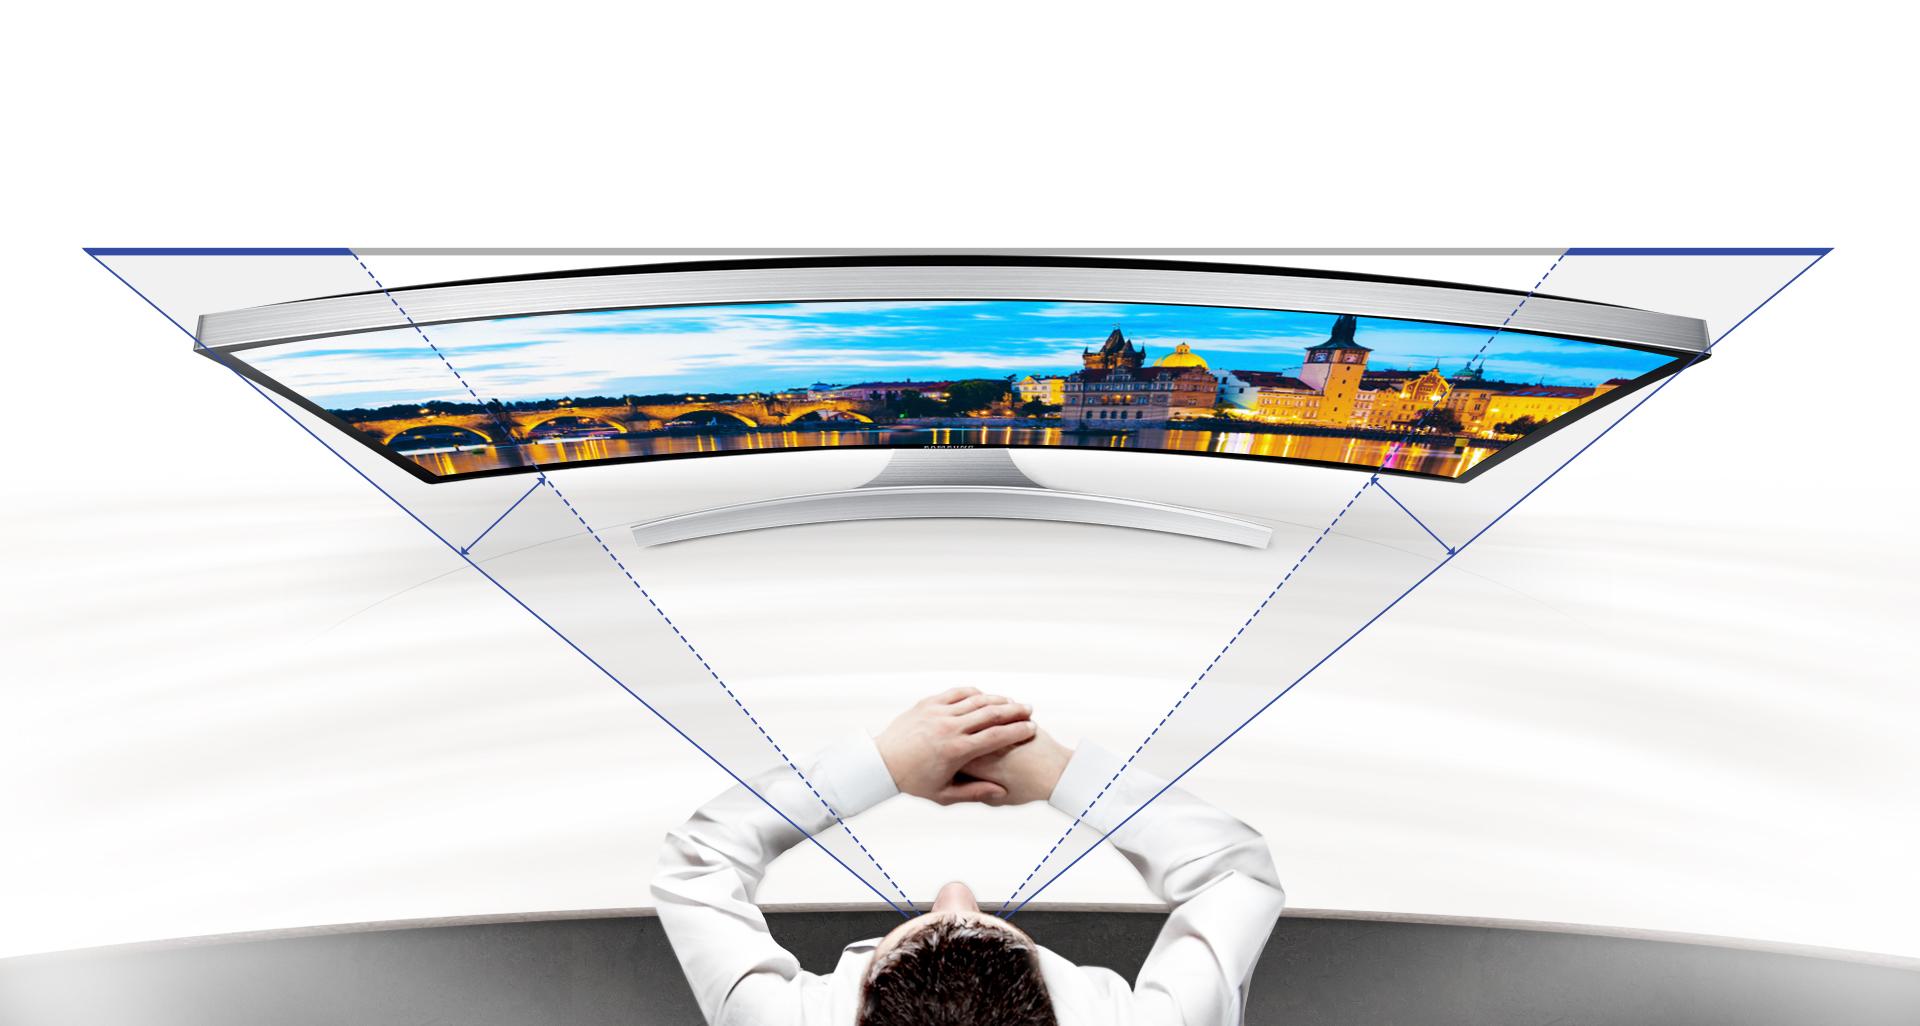 یک صفحه نمایش منحنی شگفت انگیز برای تجربه ای کاملاً فراگیر